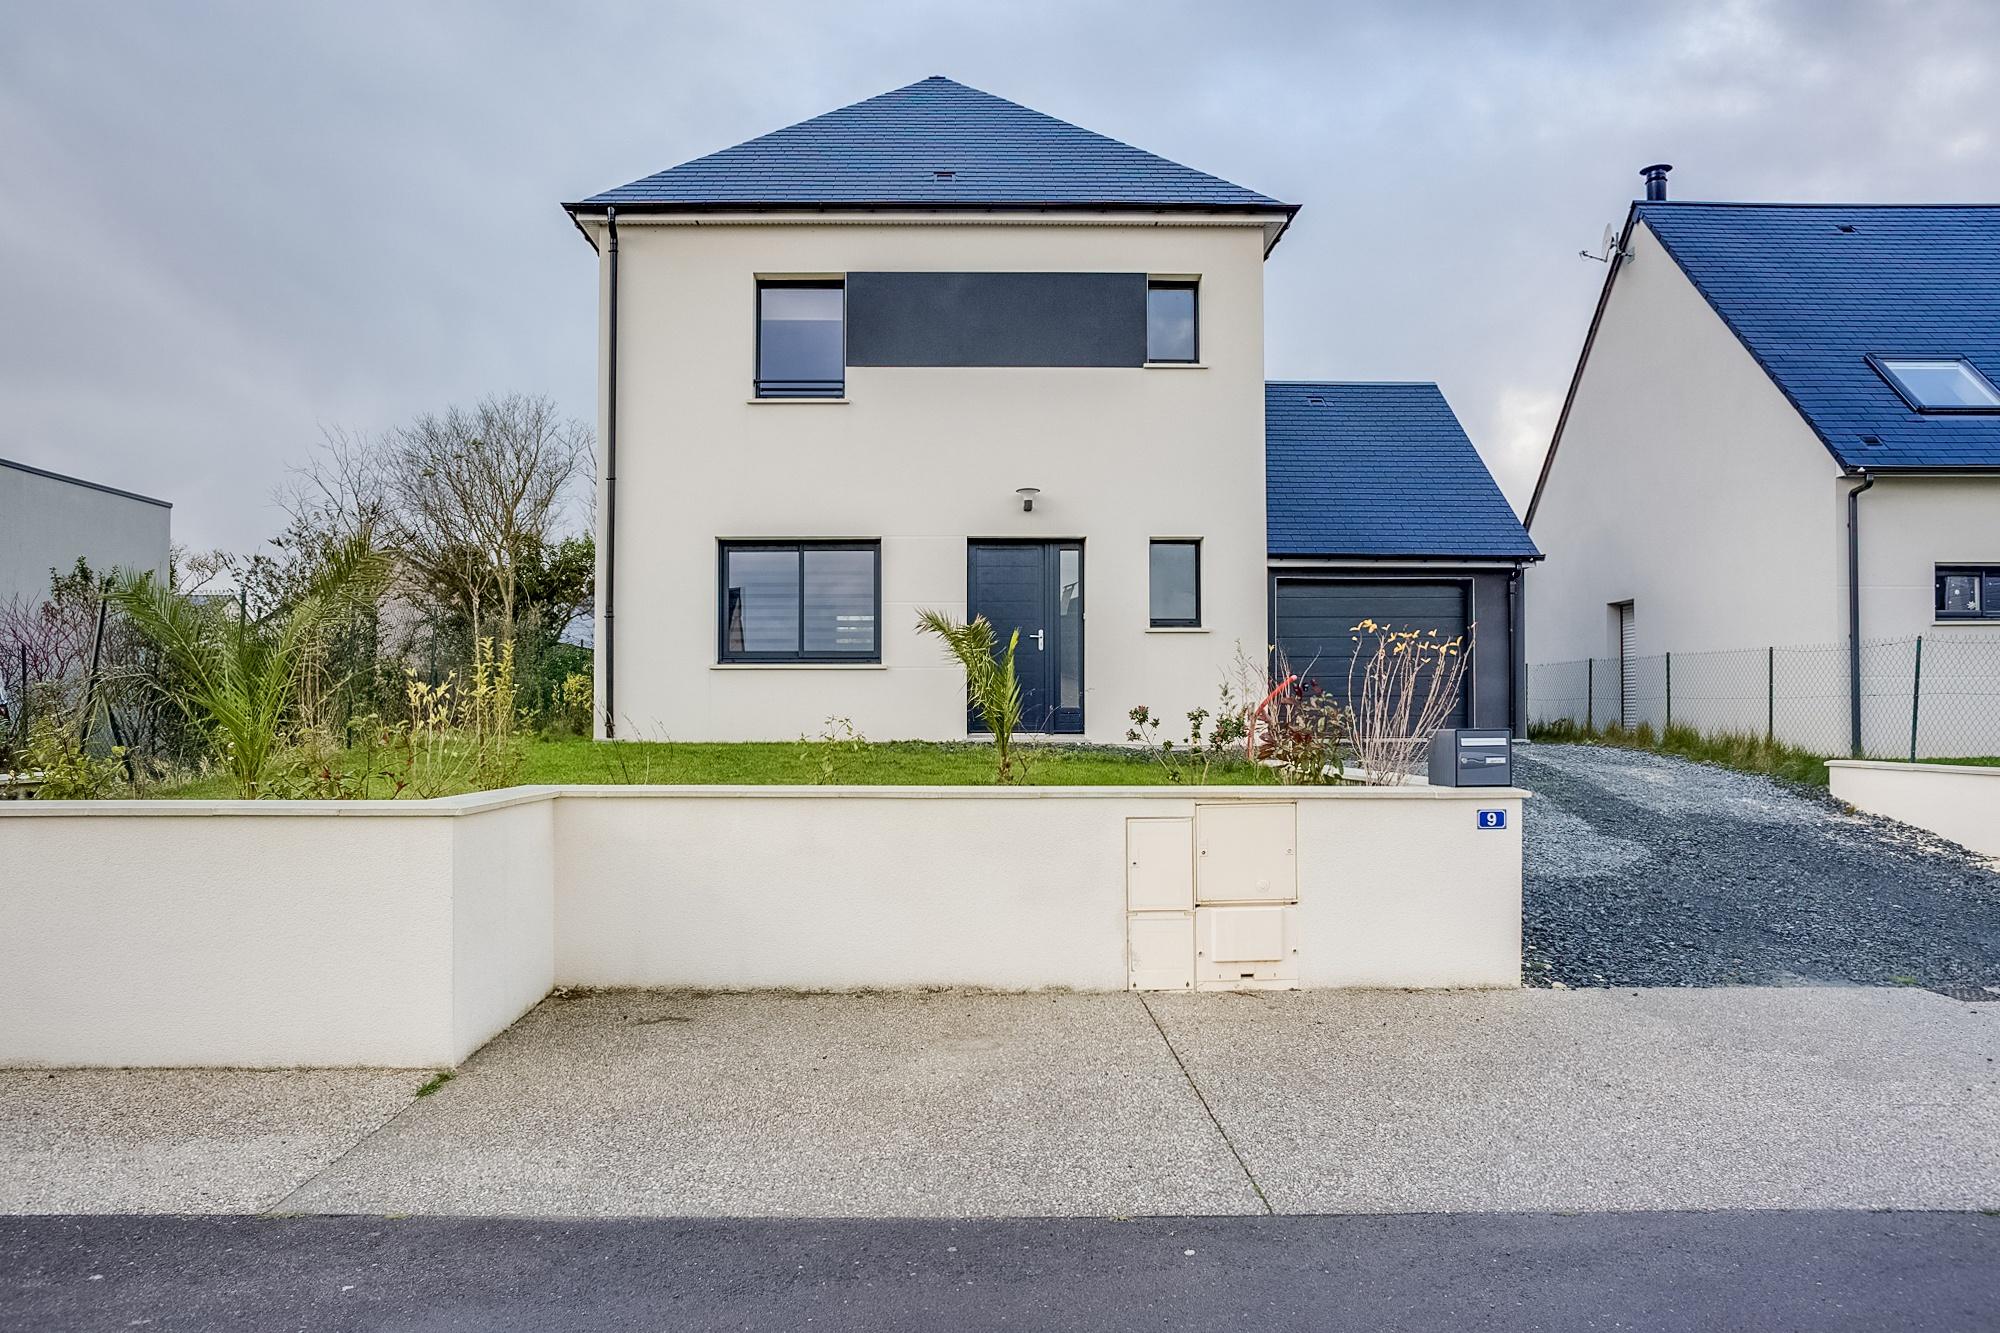 Maisons + Terrains du constructeur MAISON FAMILIALE RENNES • 118 m² • BAIN DE BRETAGNE